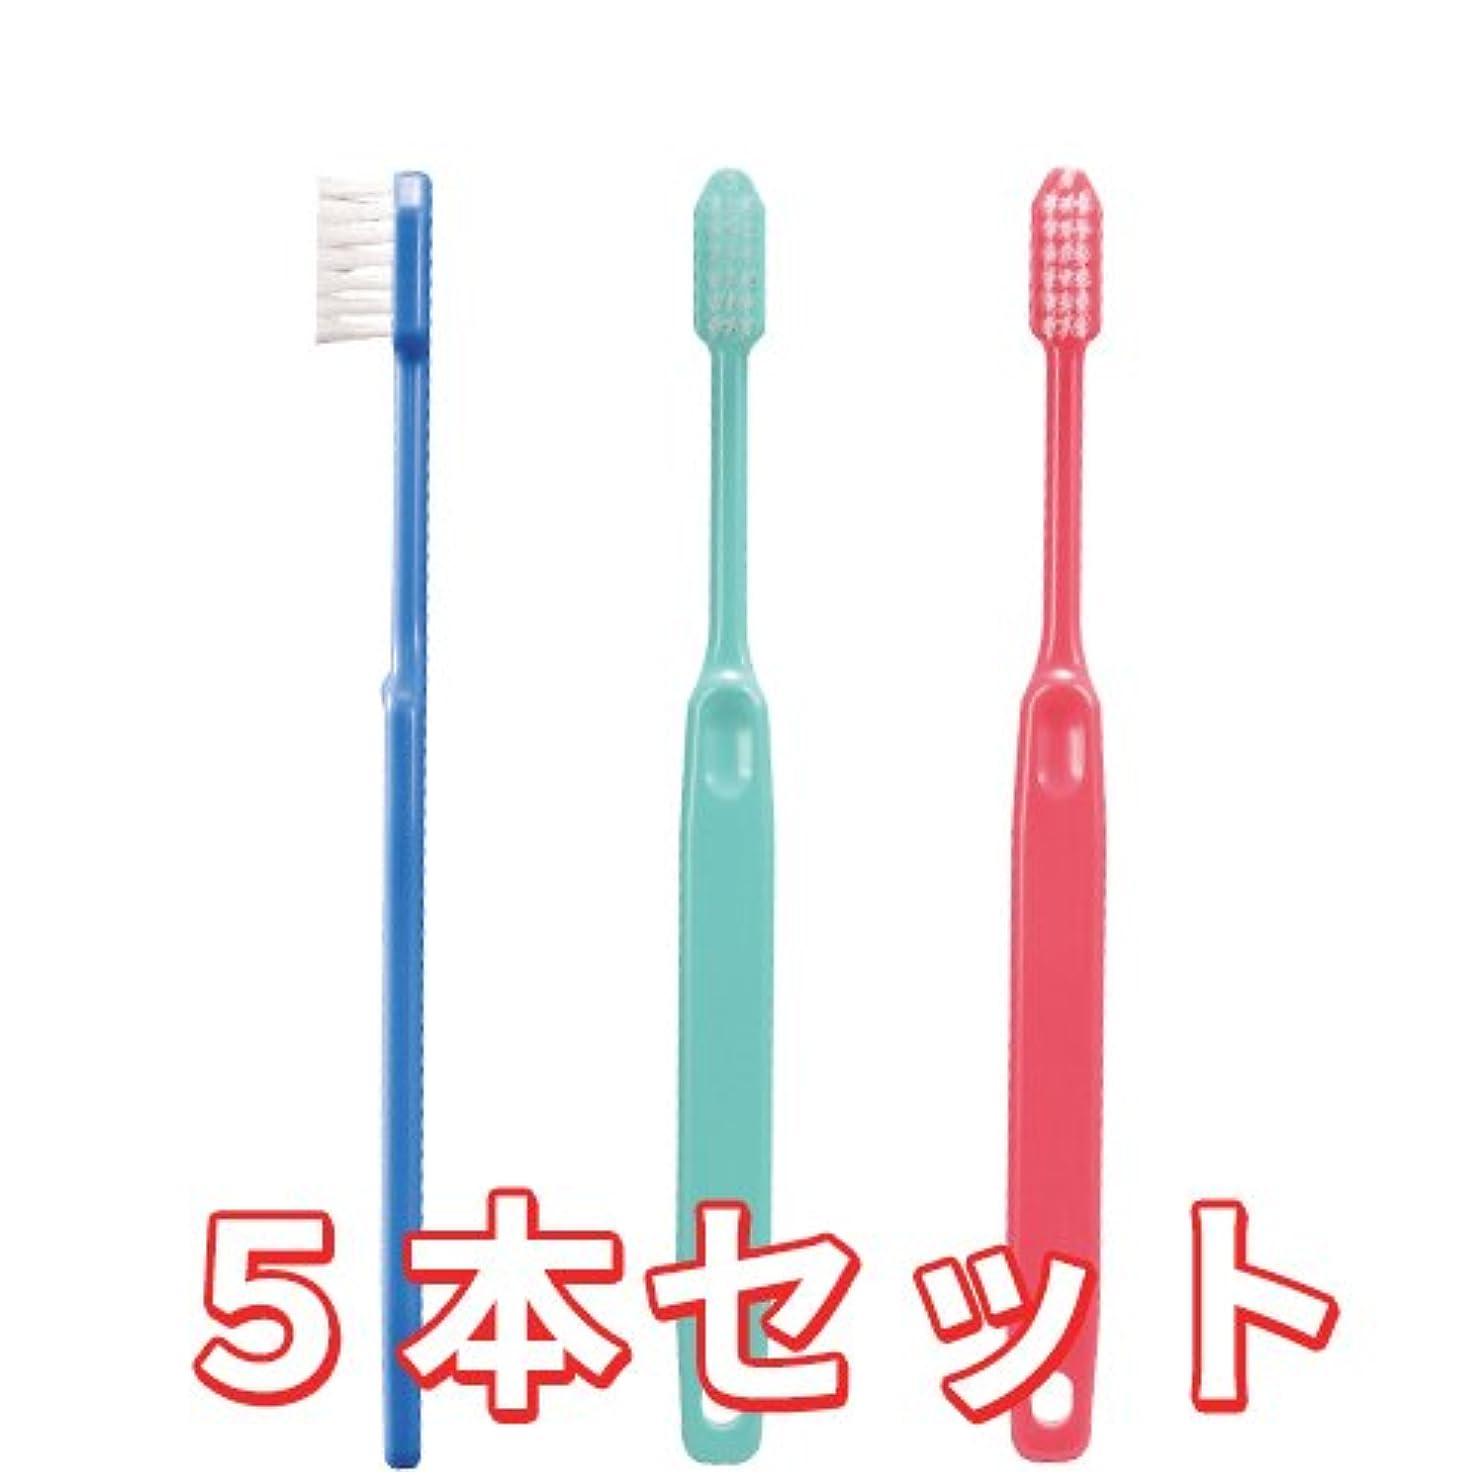 論理債務者シビックCiメディカル 歯ブラシ コンパクトヘッド 疎毛タイプ アソート 5本 (Ci25(やわらかめ))